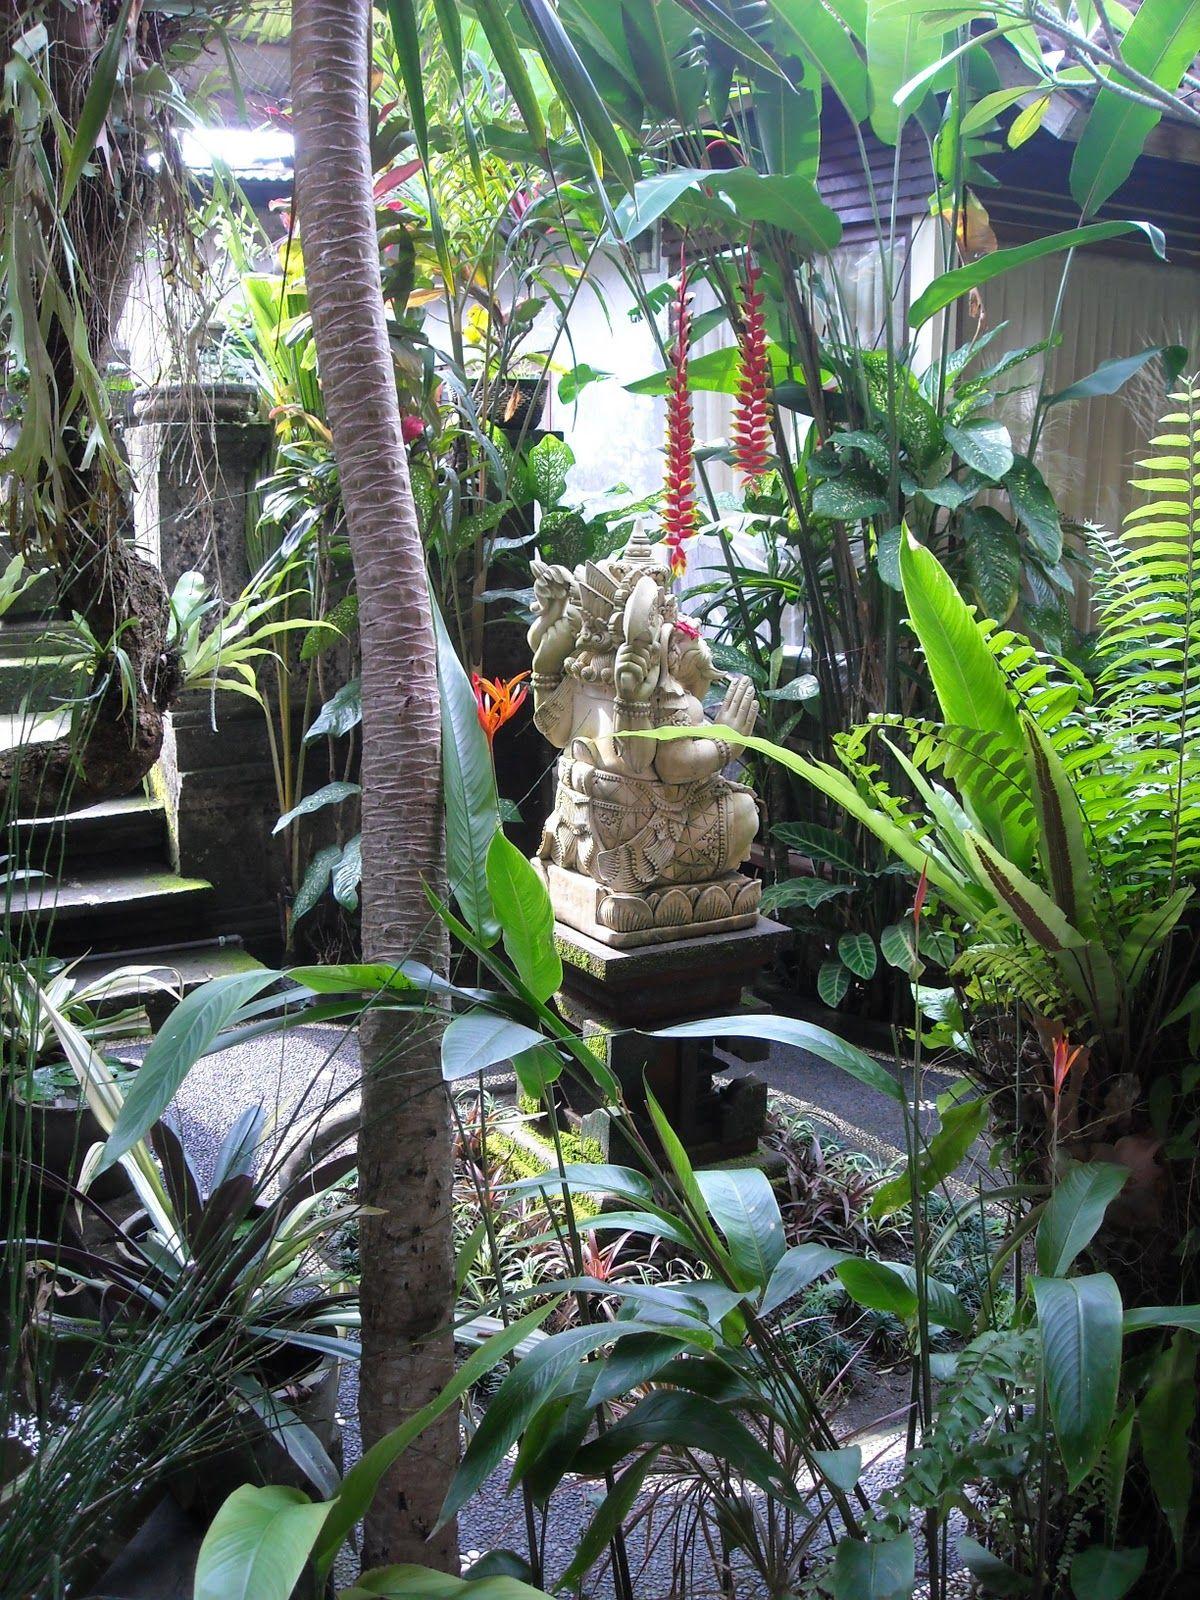 Balinese tropical garden garden landscape tropical for Bali landscape design